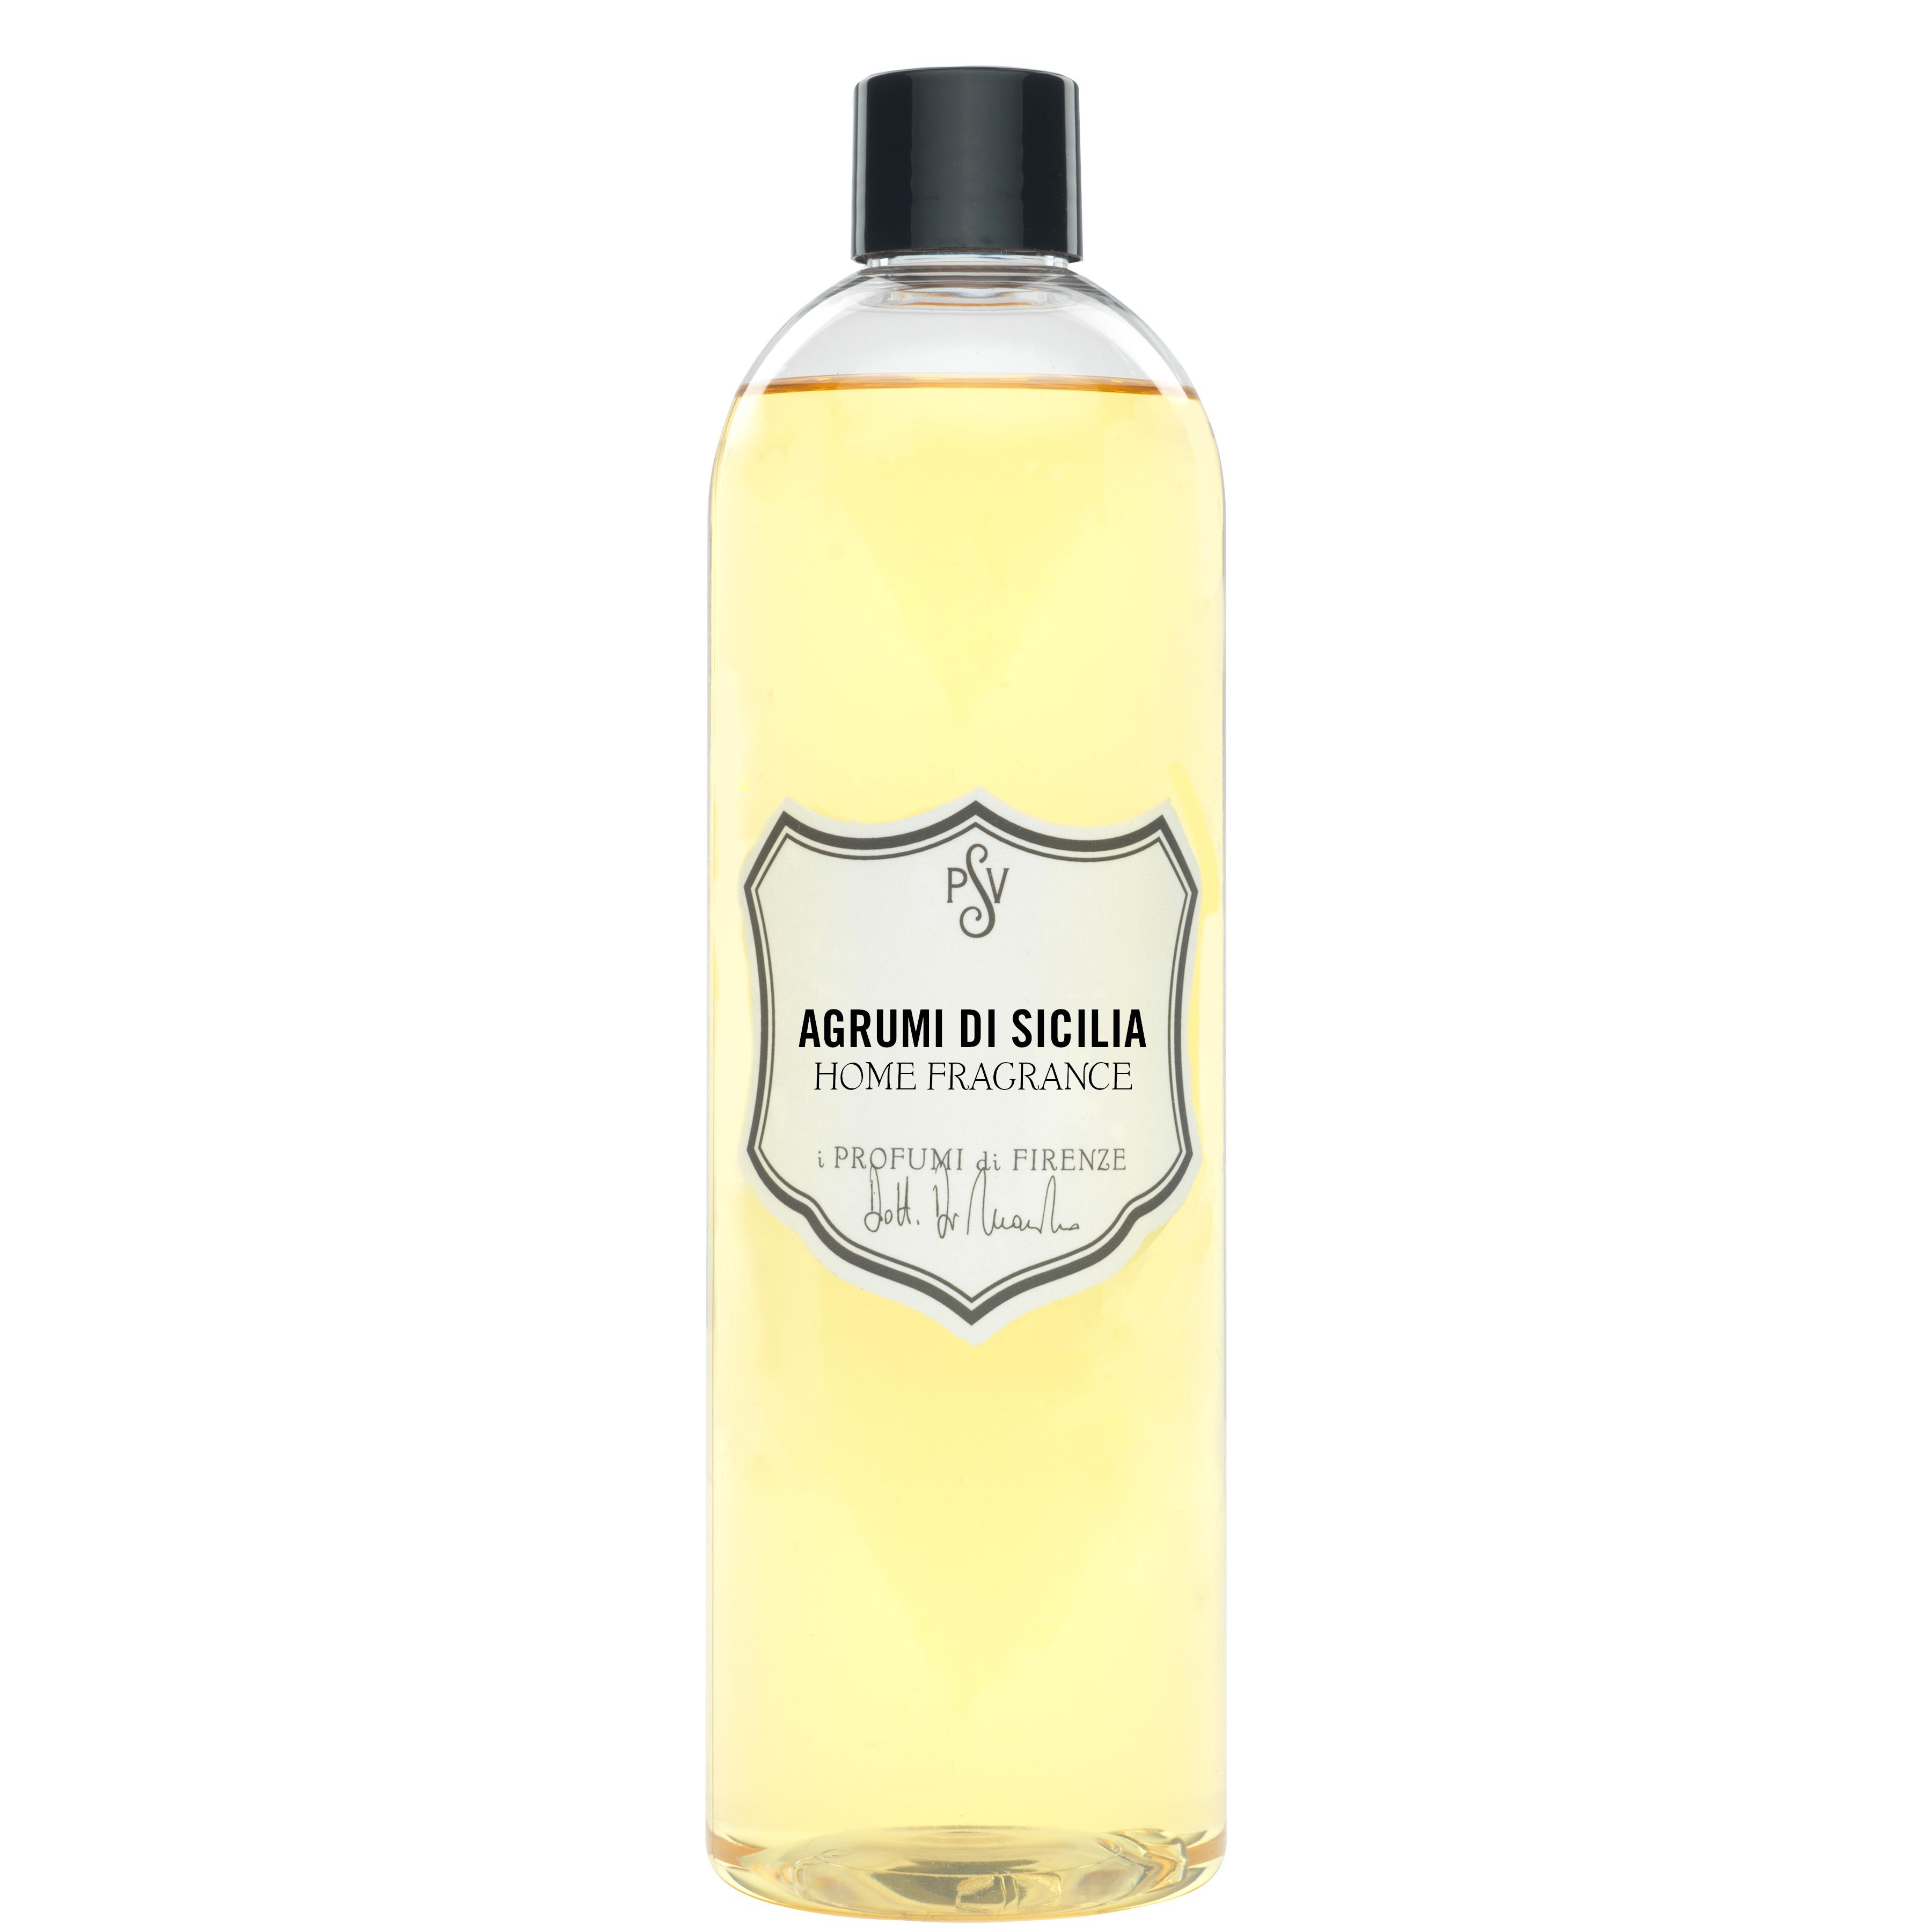 AGRUMI DI SICILIA - Home Fragrance-4519